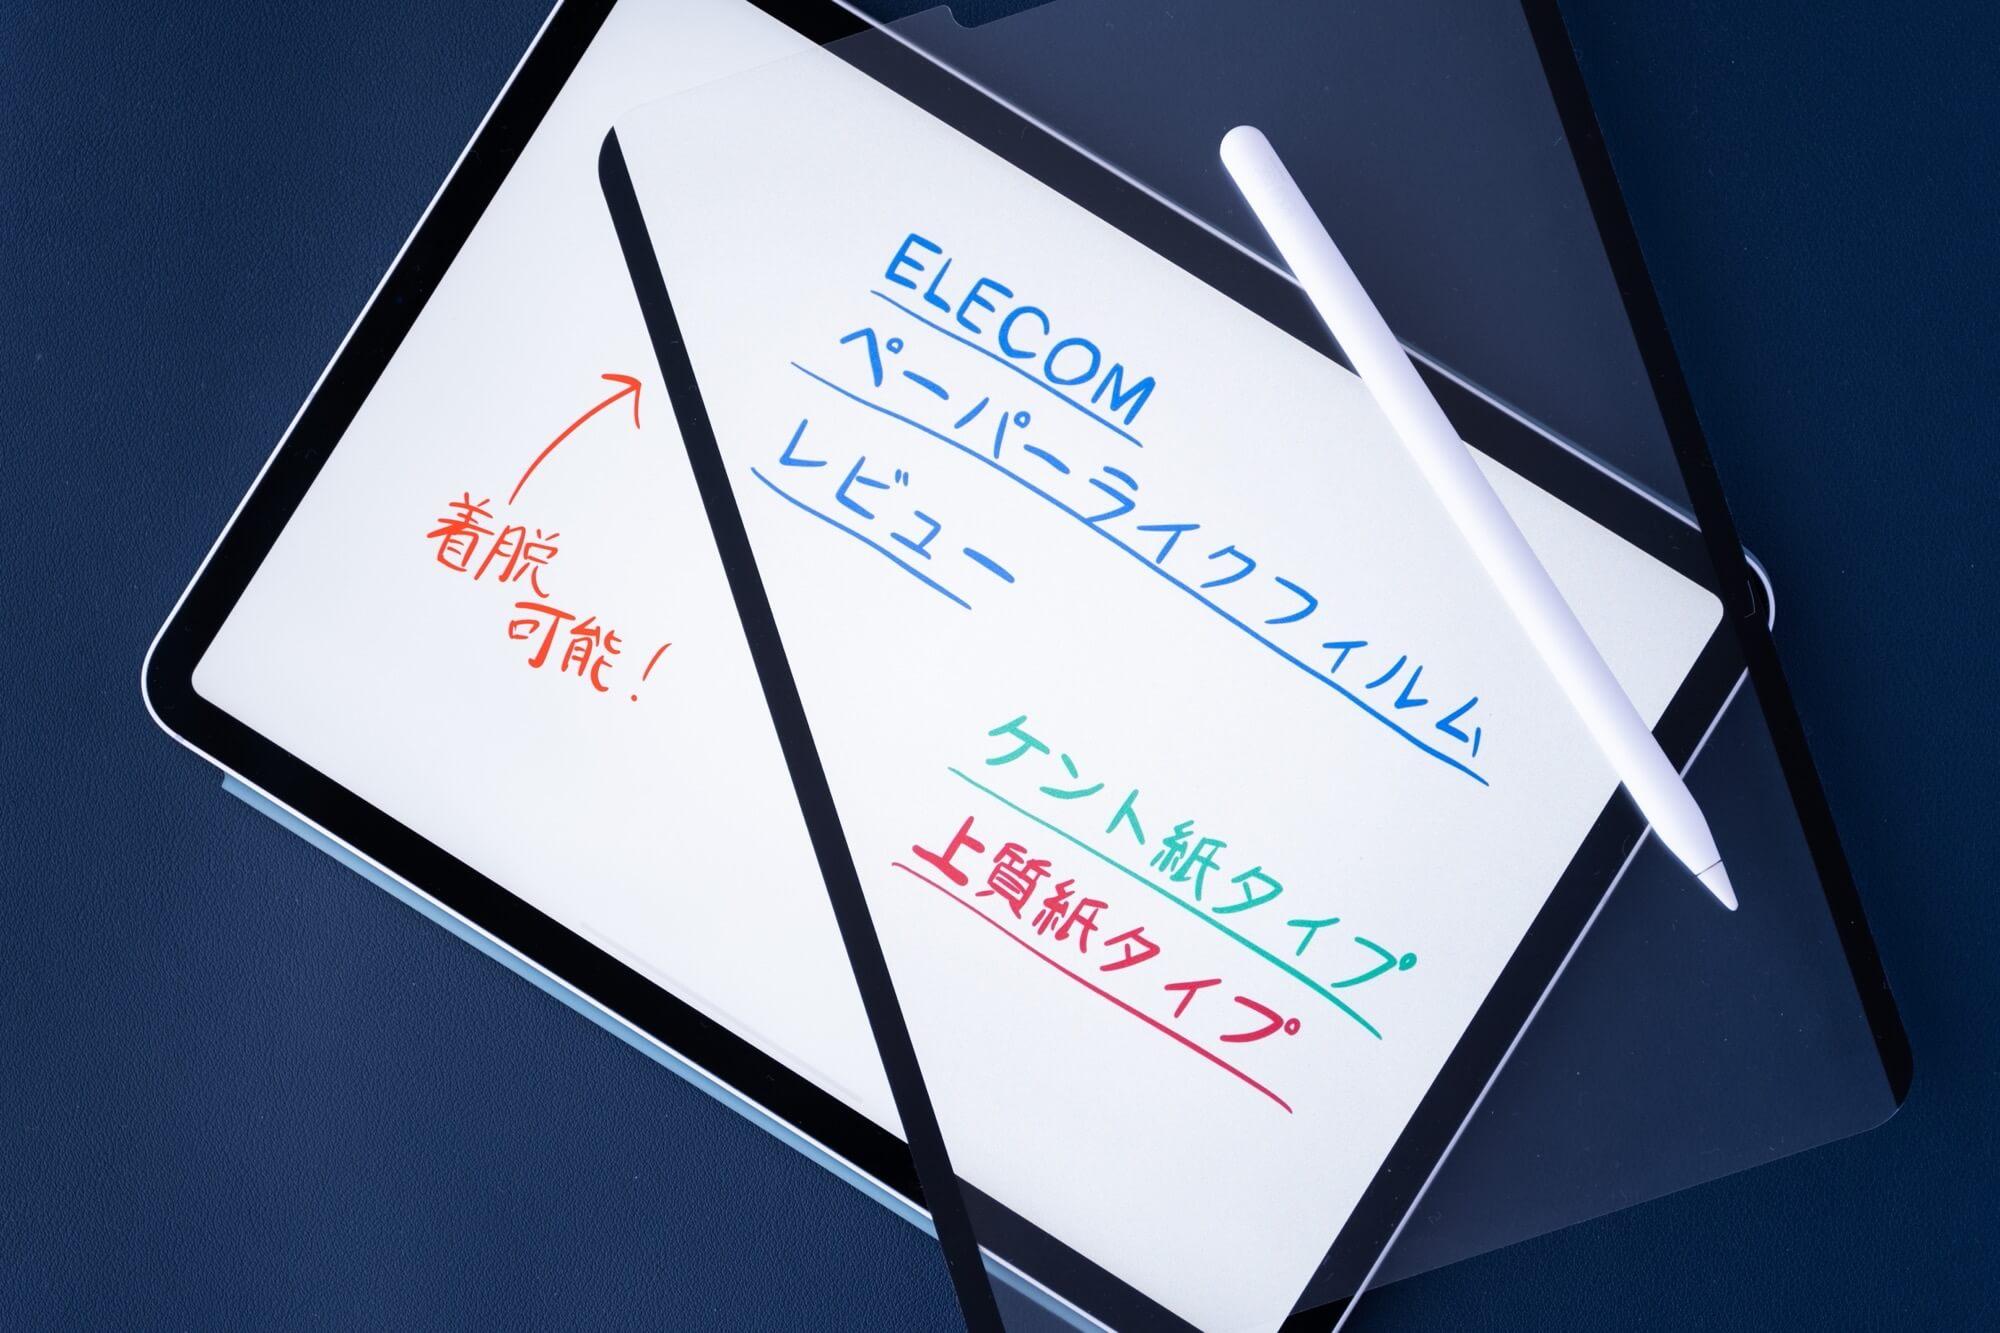 選べる快適性。ELECOM「ペーパーライクフィルム 着脱タイプ」レビュー。